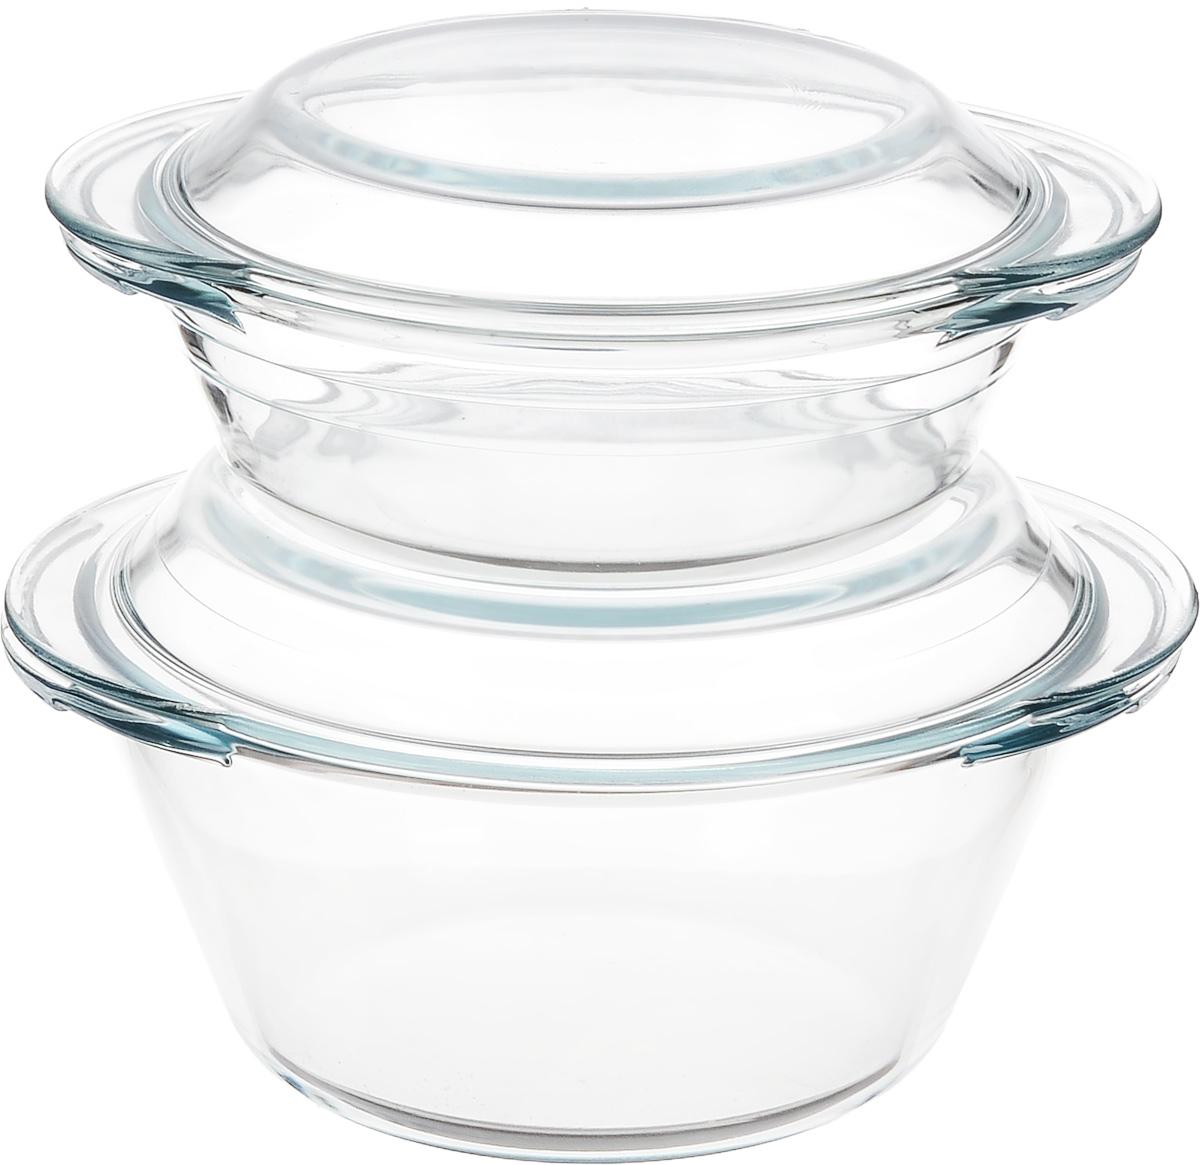 Набор кастрюль Helper Gurman, с крышками, 4 предмета. 45474547Набор Helper Gurman состоит из двух кастрюль с крышками. Кастрюли изготовлены из жаропрочного стекла. Стеклянная огнеупорная посуда идеальна для приготовления блюд в духовке, микроволновой печи, а также для хранения продуктов в холодильнике и морозильной камере. Безопасна с точки зрения экологии. Не вступает в реакции с готовящейся пищей, не боится кислот и солей. Не ржавеет, в ней не появляется накипь. Не впитывает запахи и жир. Благодаря прозрачности стекла, за едой можно наблюдать при ее готовке. Изделия оснащены небольшими ручками. Можно мыть в посудомоечной машине. Объем кастрюль: 1 л, 2 л. Диаметр кастрюль: 17 см, 19,5 см. Высота стенки кастрюль: 5,5 см, 9 см.